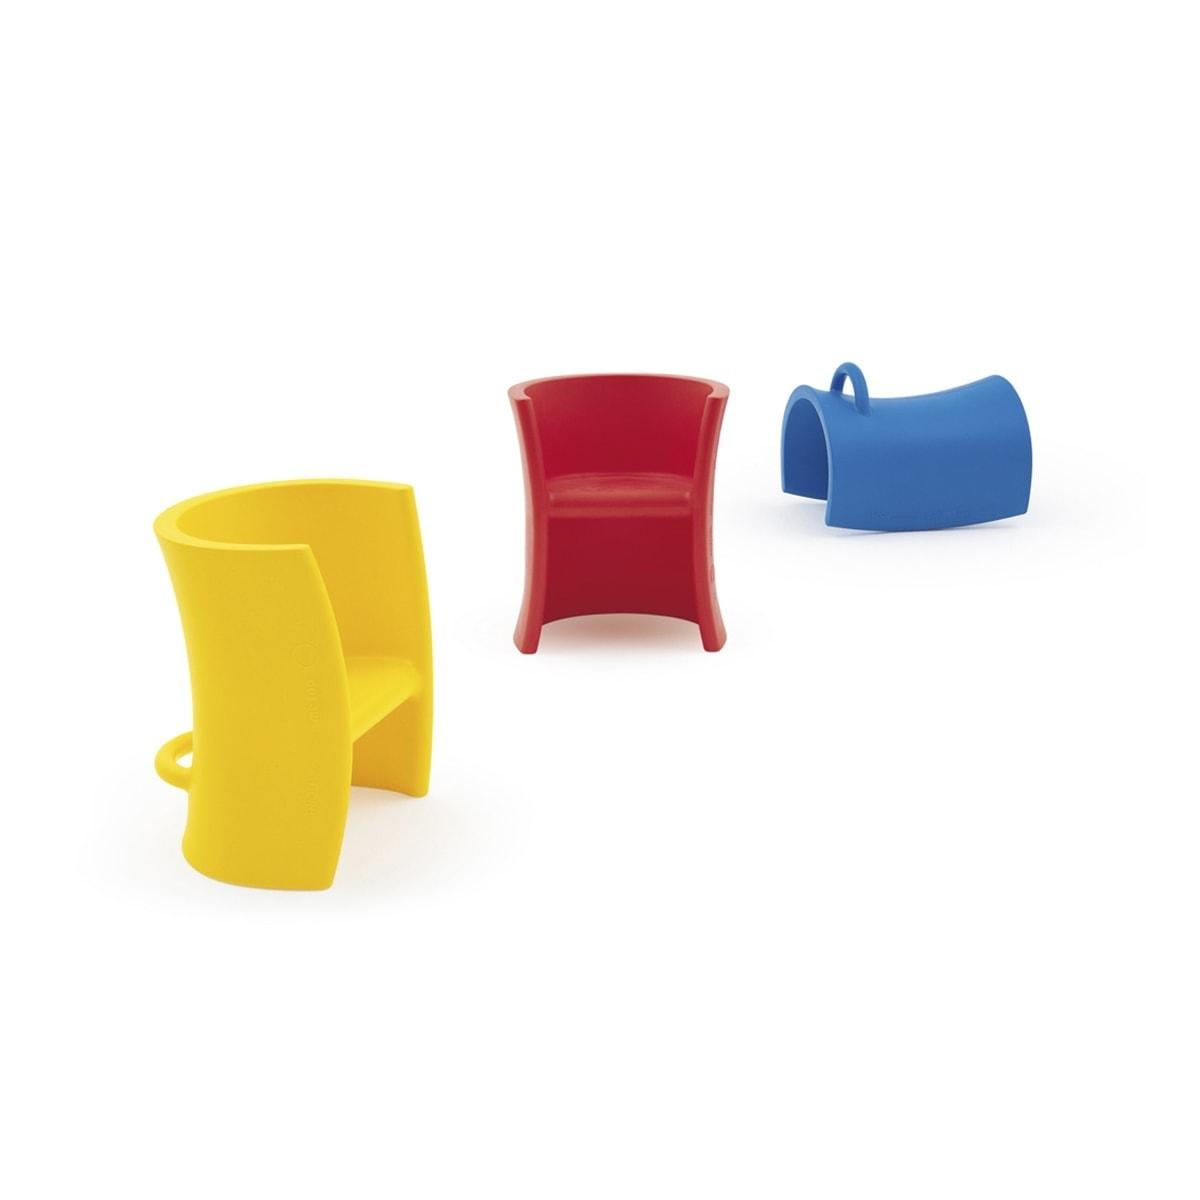 cadeira balanço Trioli Magis variadas